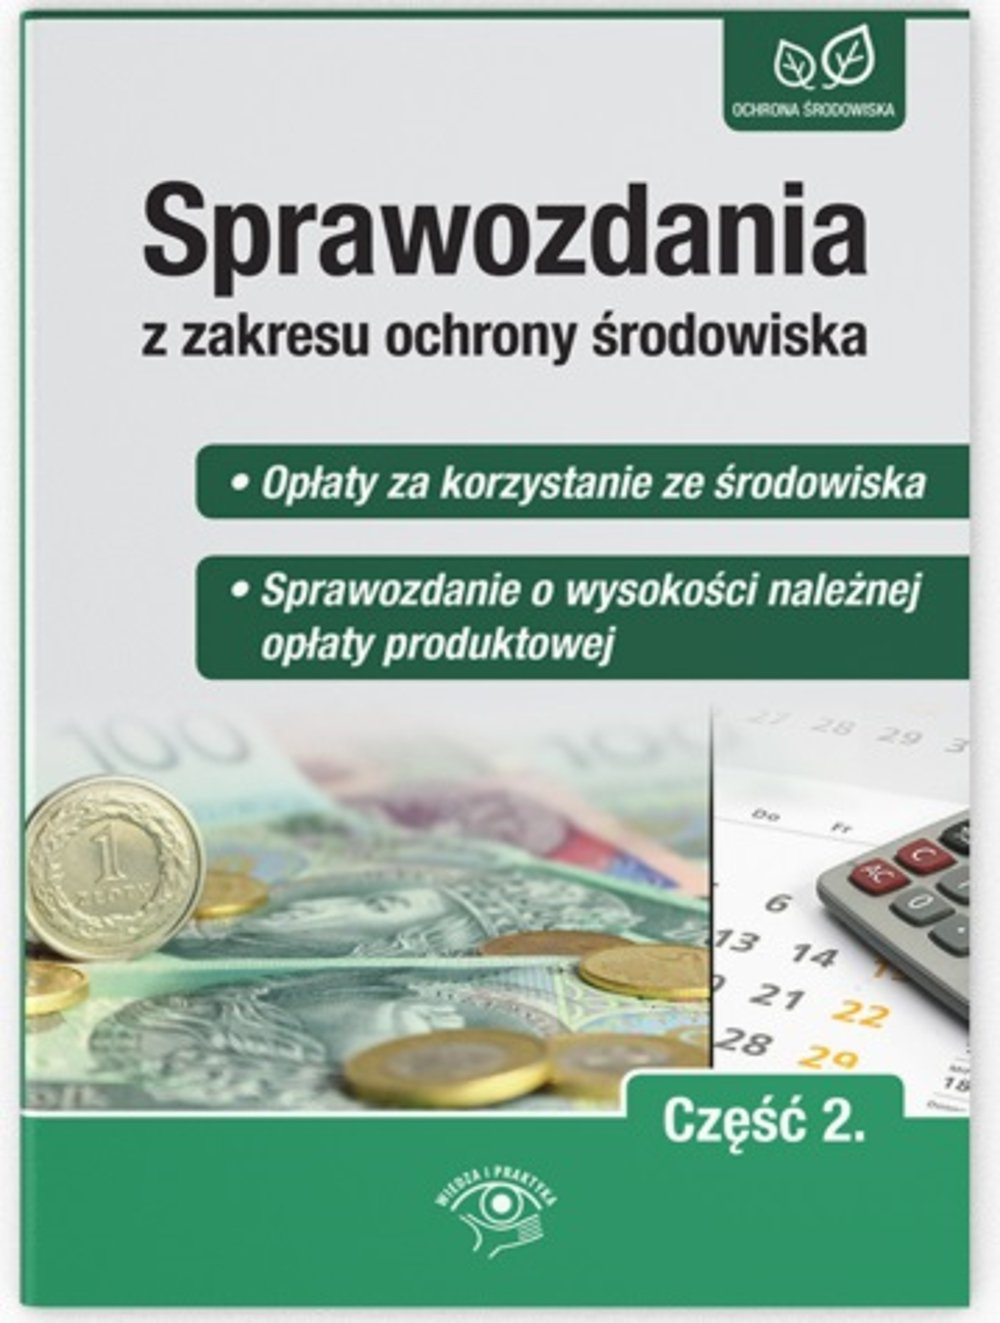 Sprawozdania z zakresu ochrony środowiska Część 2. - Opłaty za korzystanie ze środowiska  - Sprawozdanie o wysokości należnej opłaty produktowej - Ebook (Książka EPUB) do pobrania w formacie EPUB